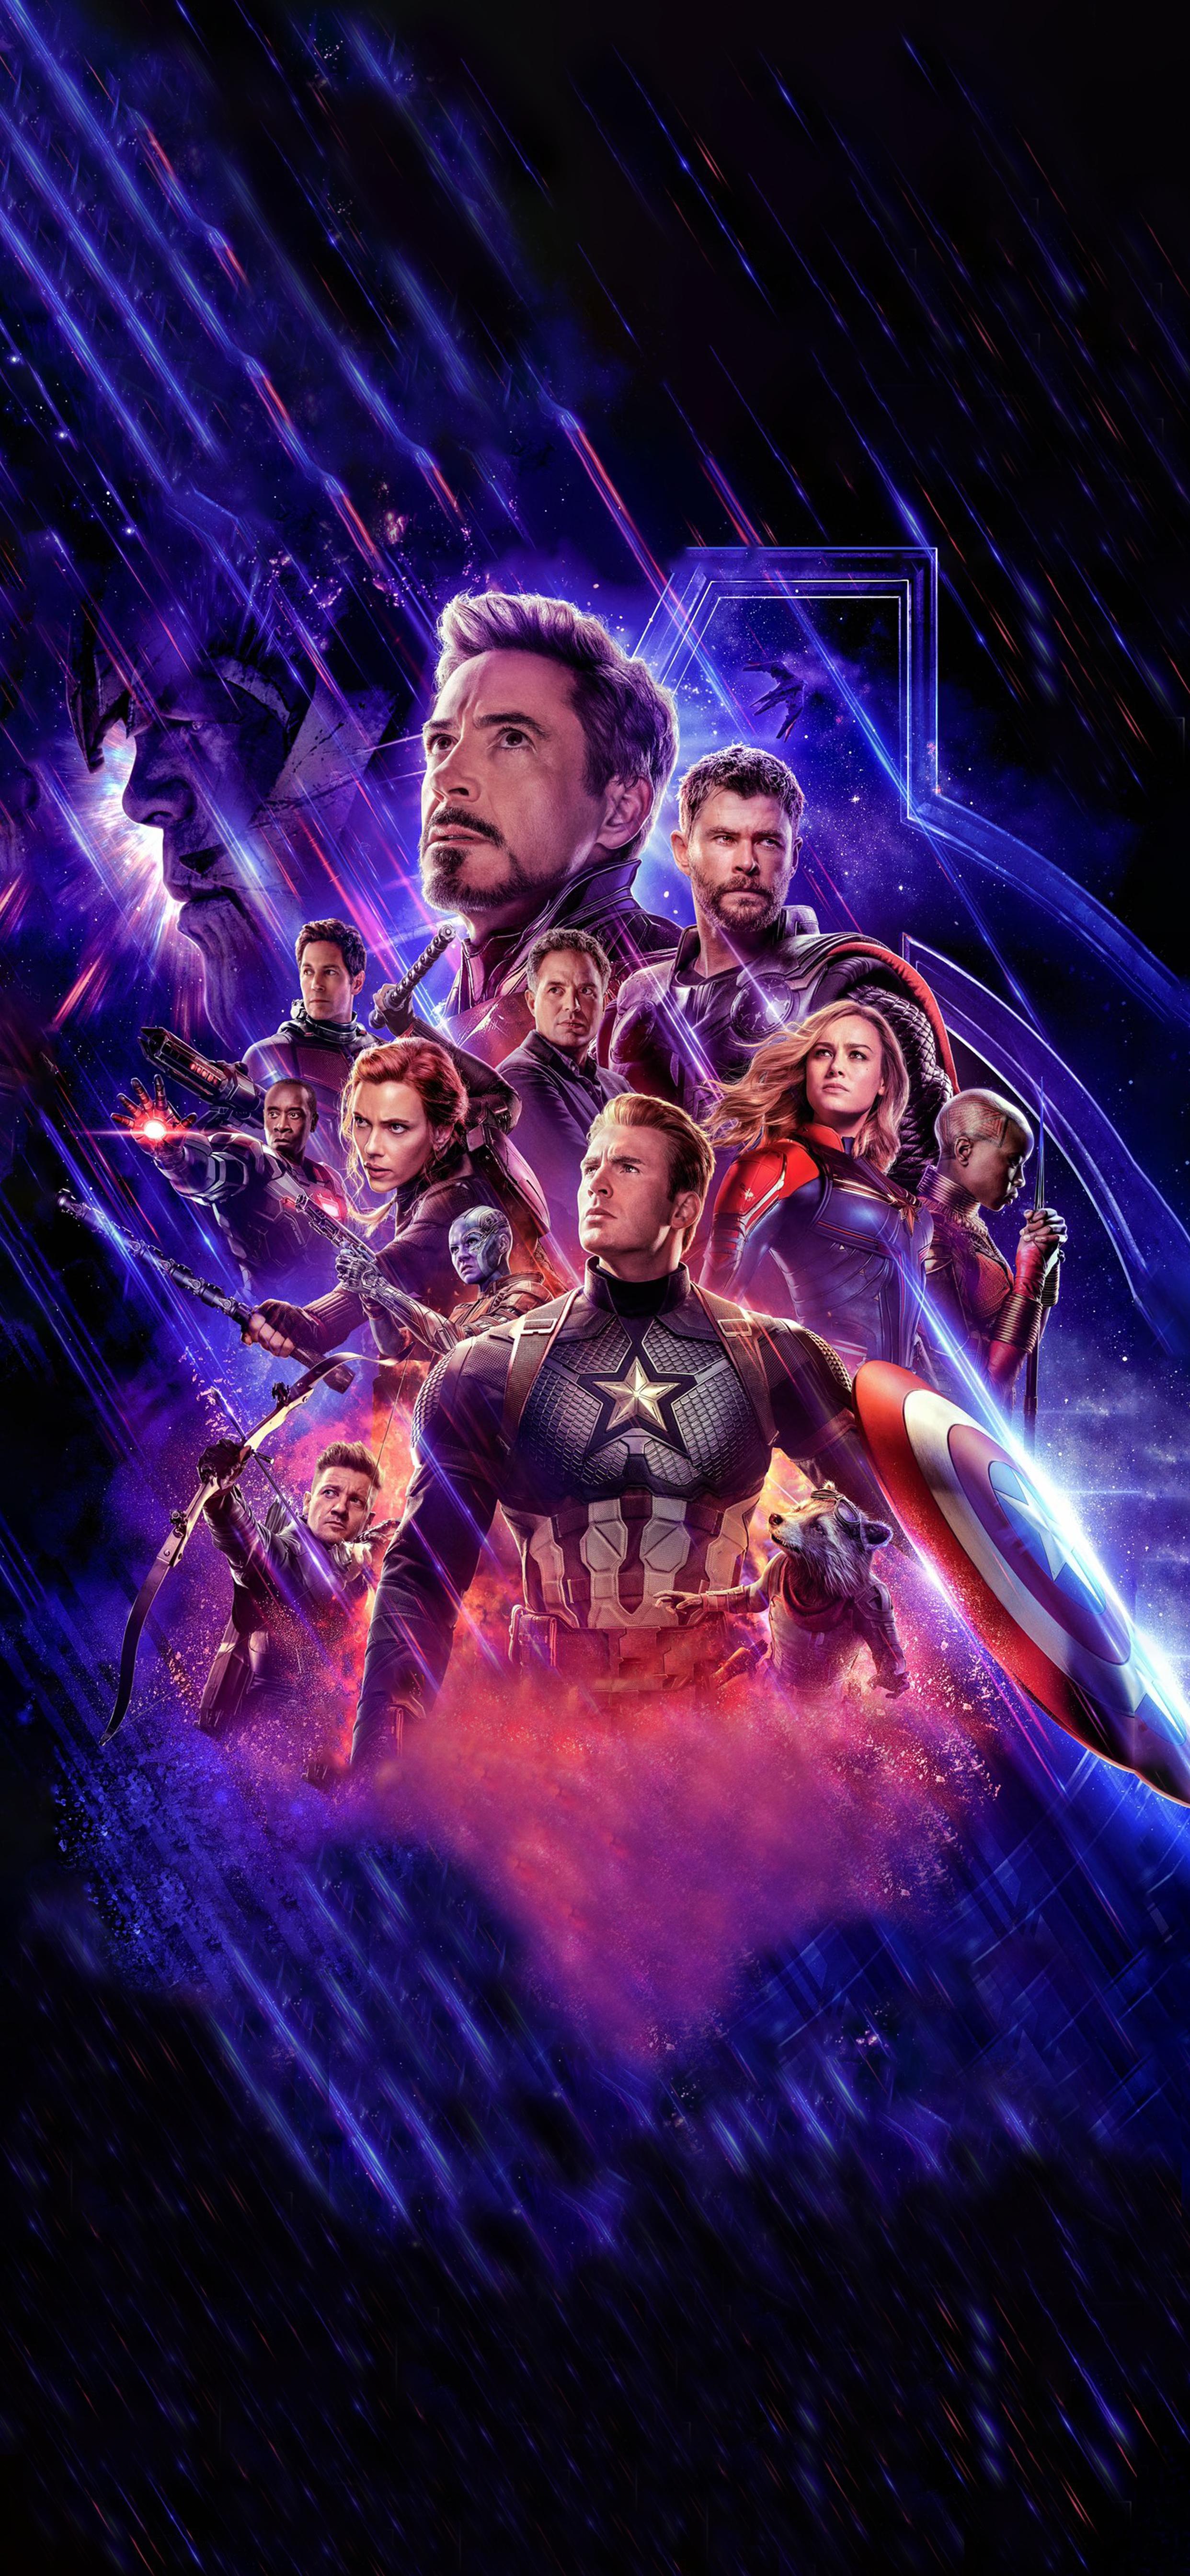 Avengers Endgame Textless Phone Wallpaper marvelstudios 2484x5376